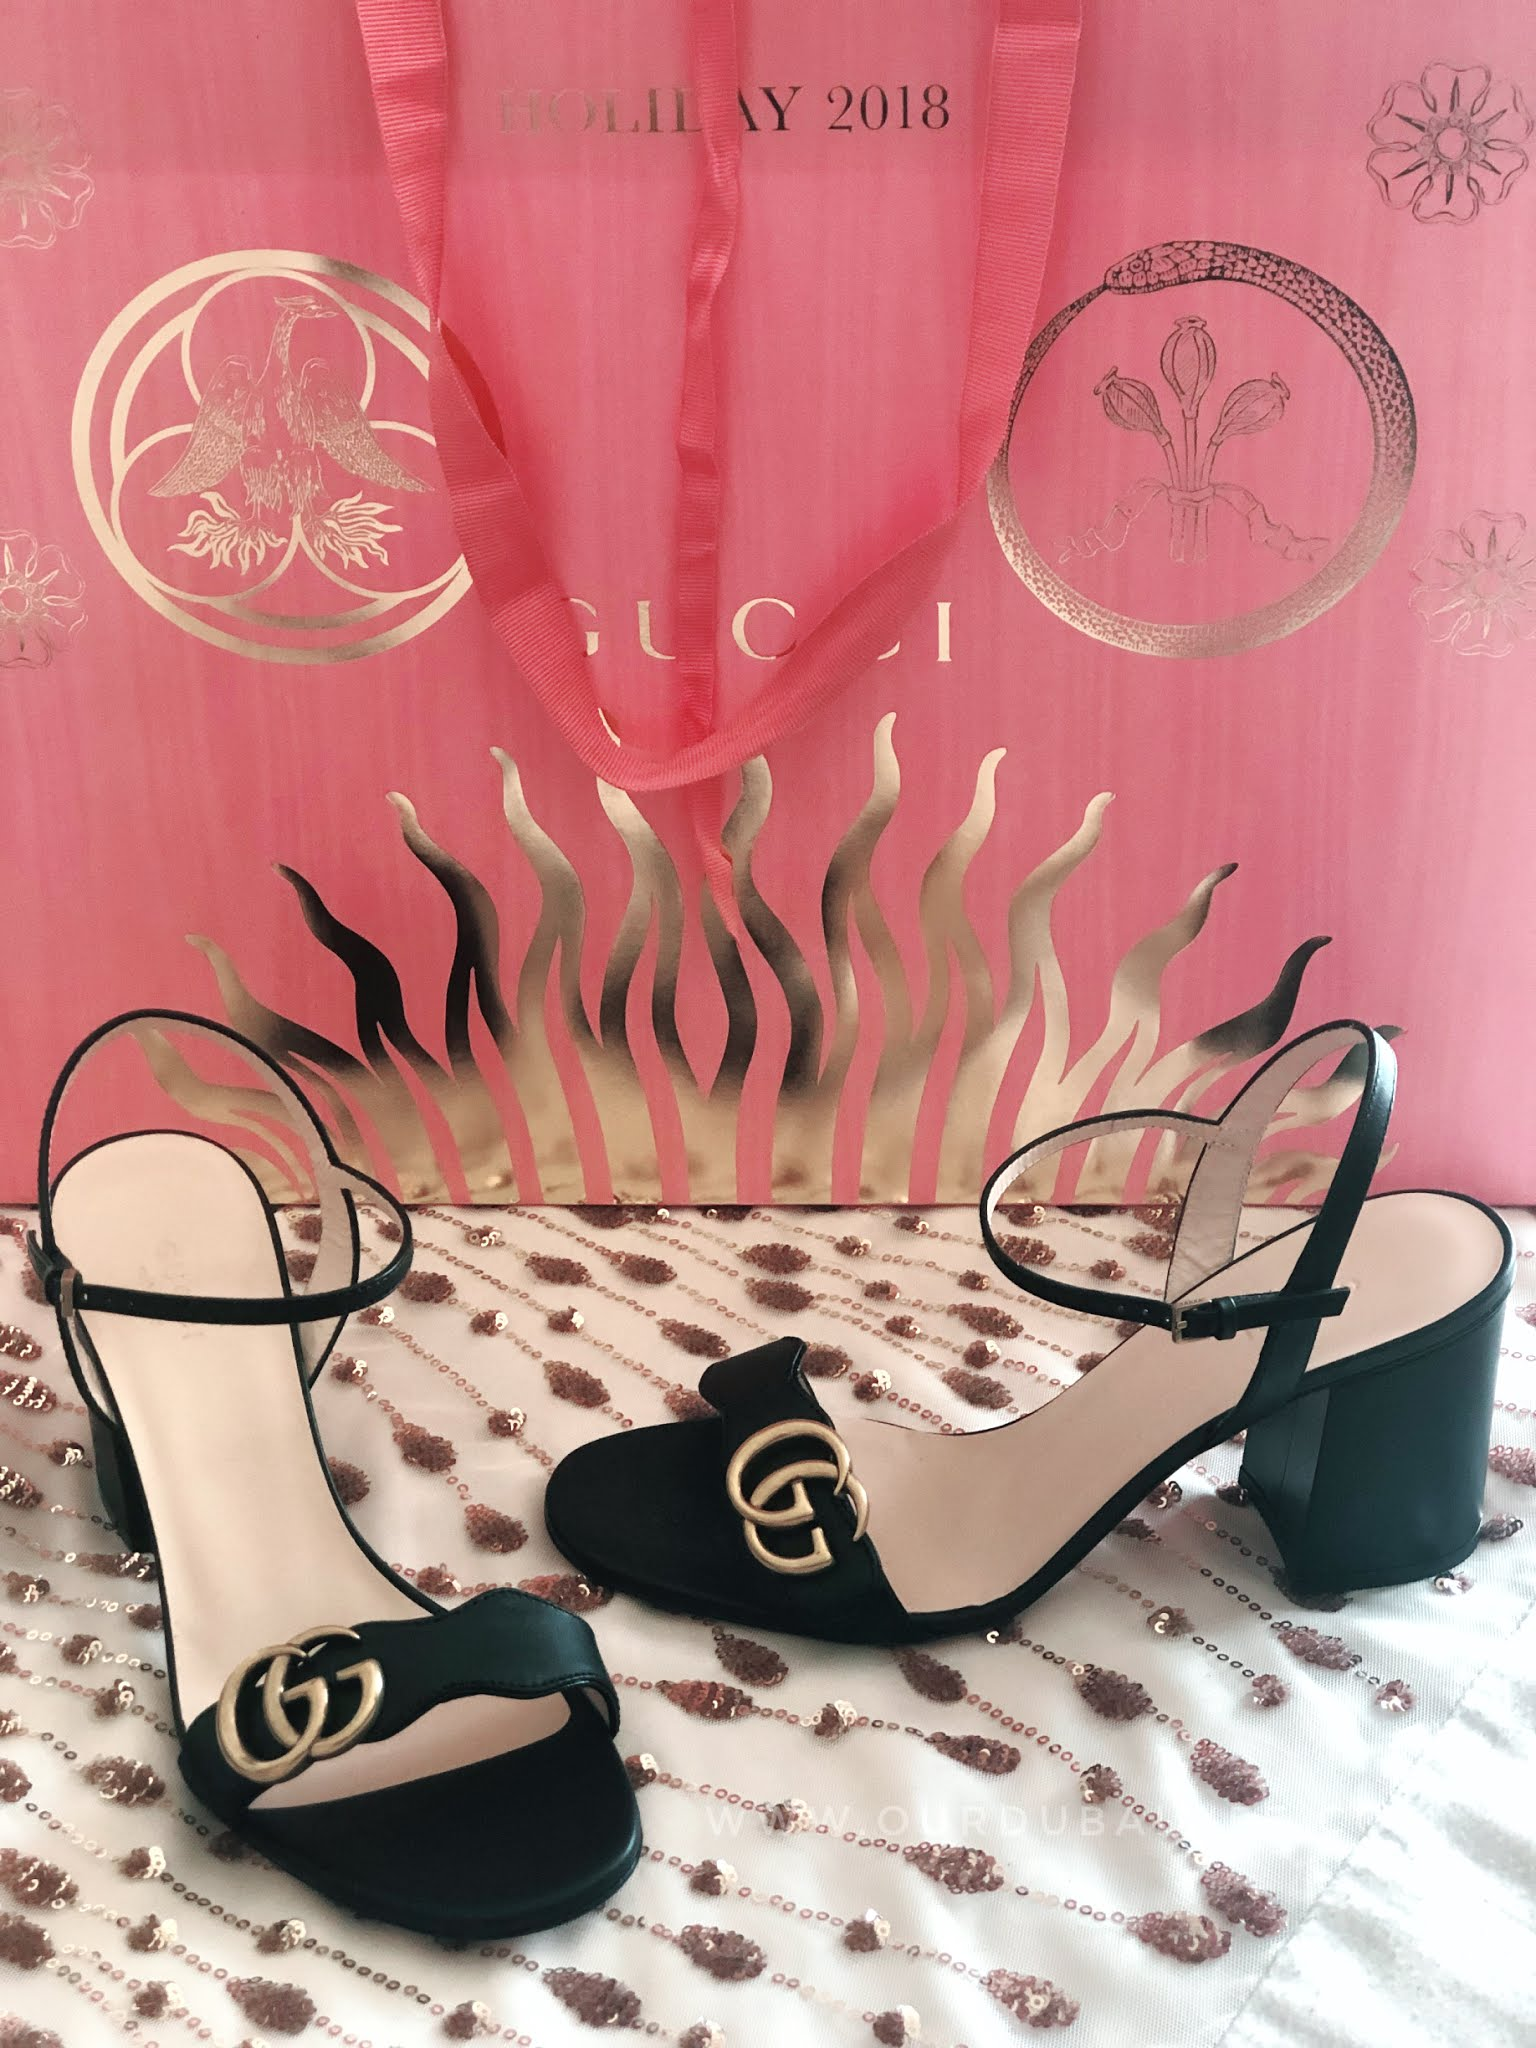 GUCCI MARMONT black sandal shoes